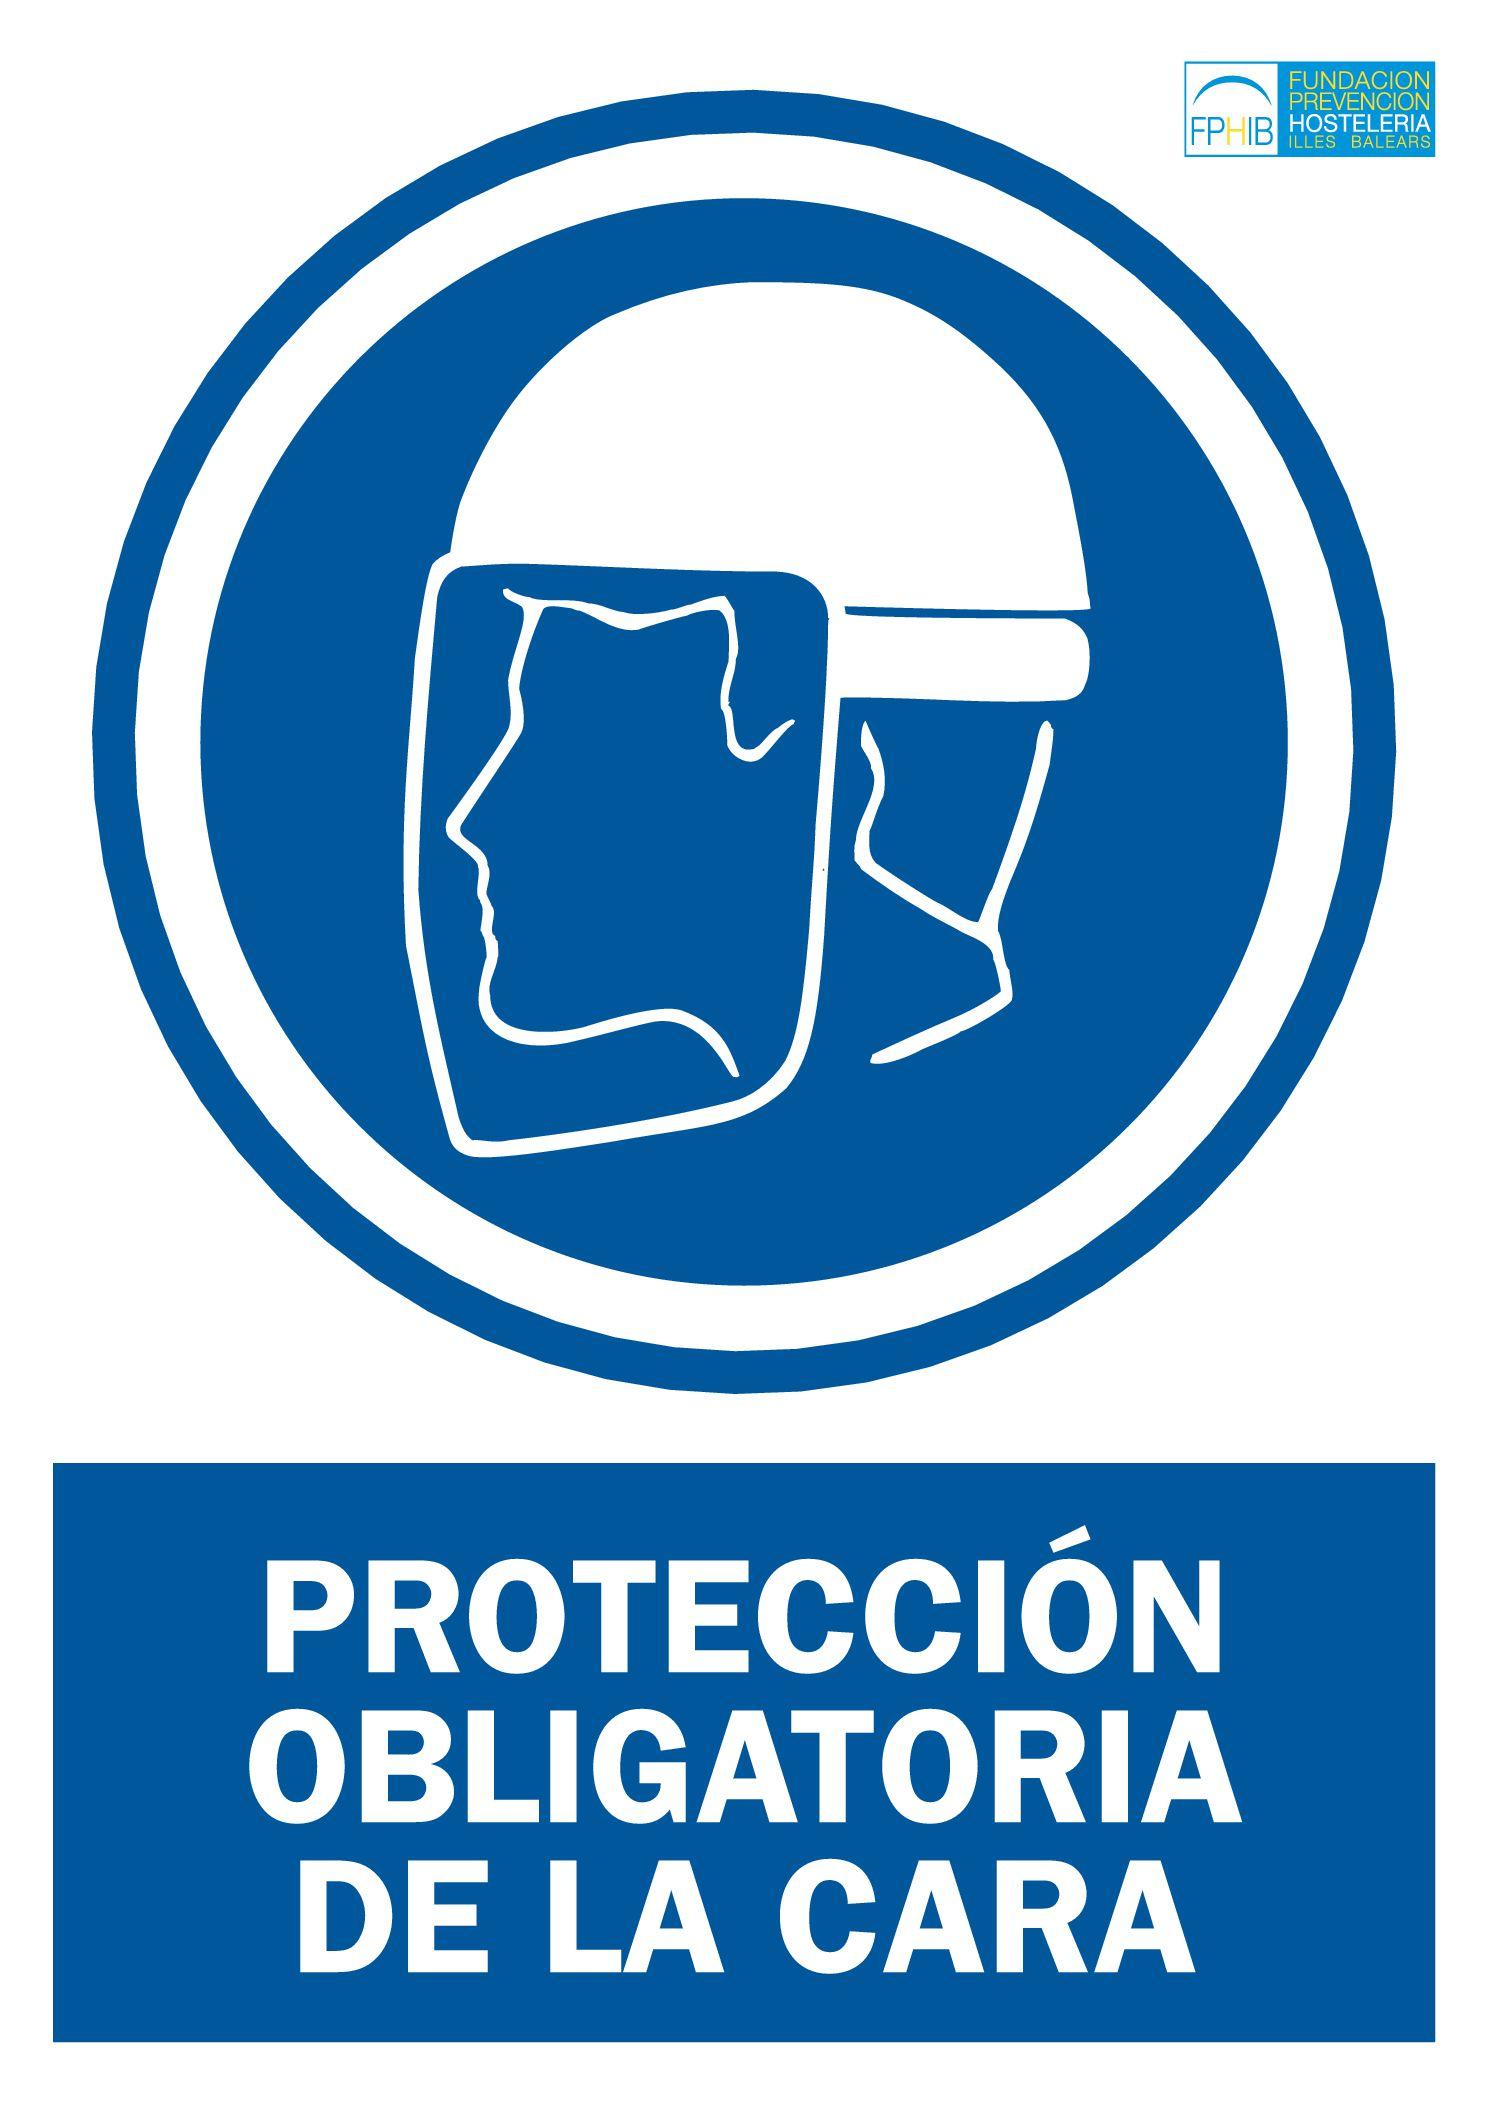 Obligación proteccion cara